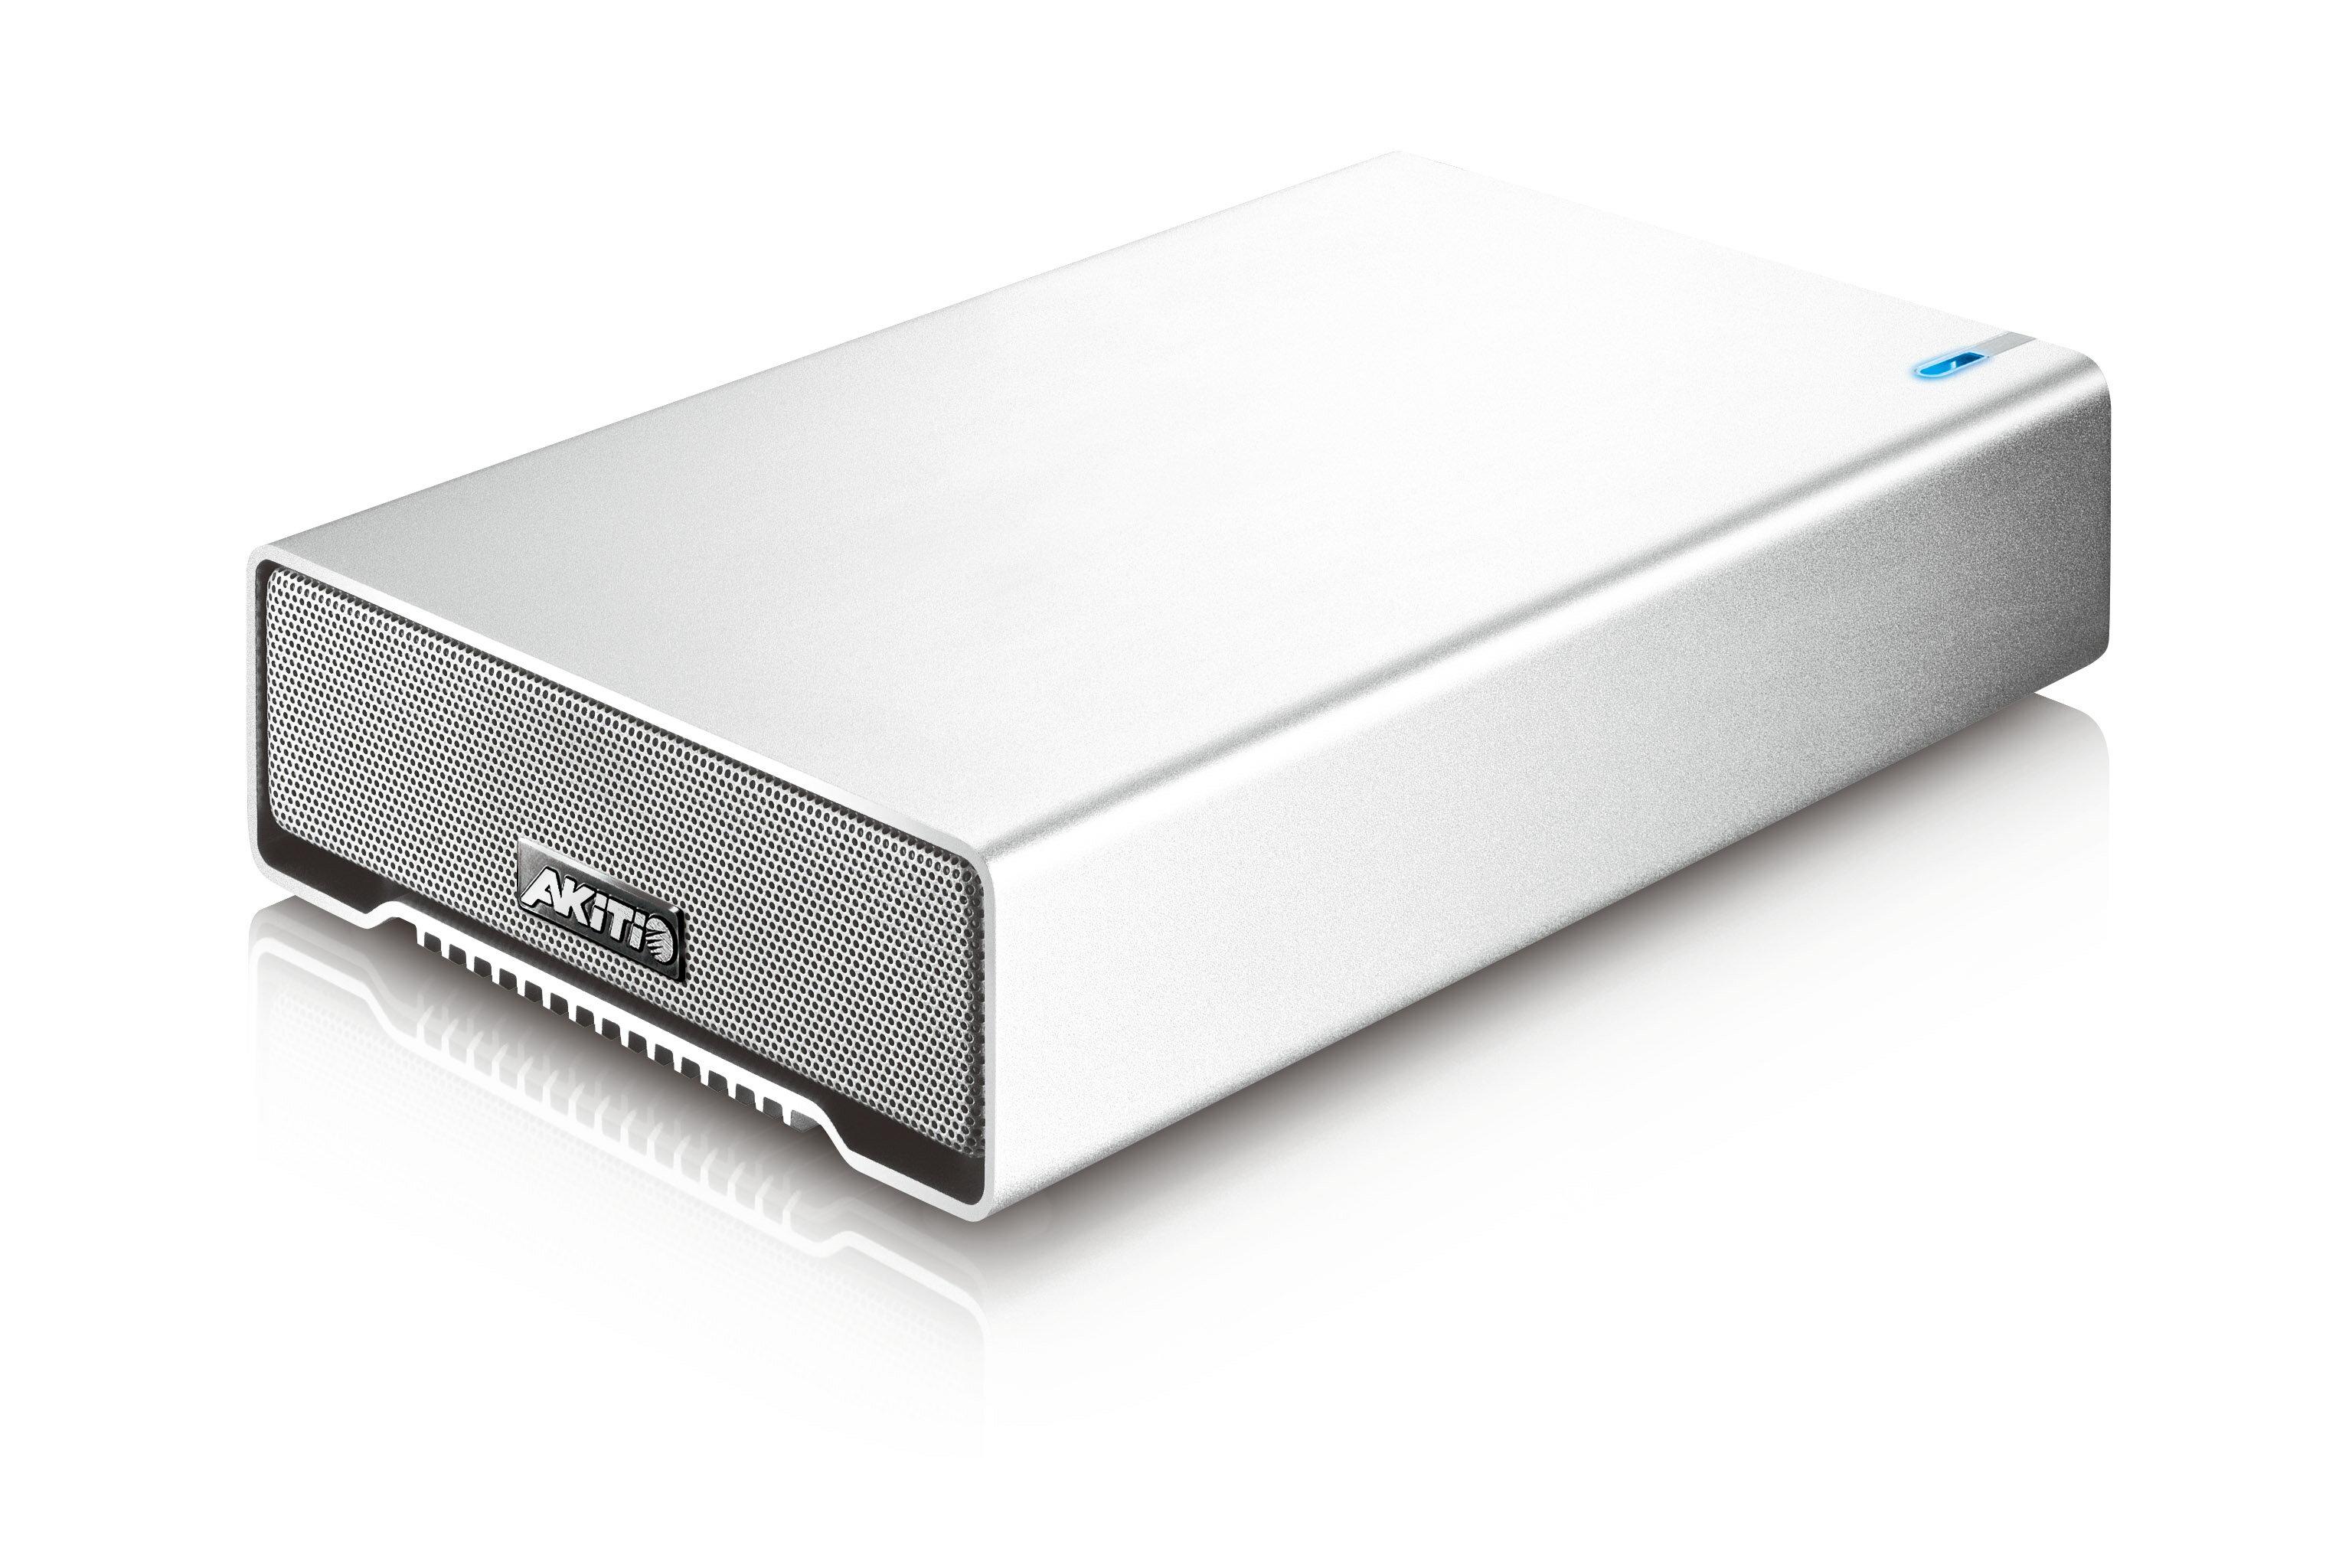 【滿3千15%回饋】AKiTiO SK-3501 星極光 U3 3.5型 銀色 硬體外接盒※回饋最高2000點